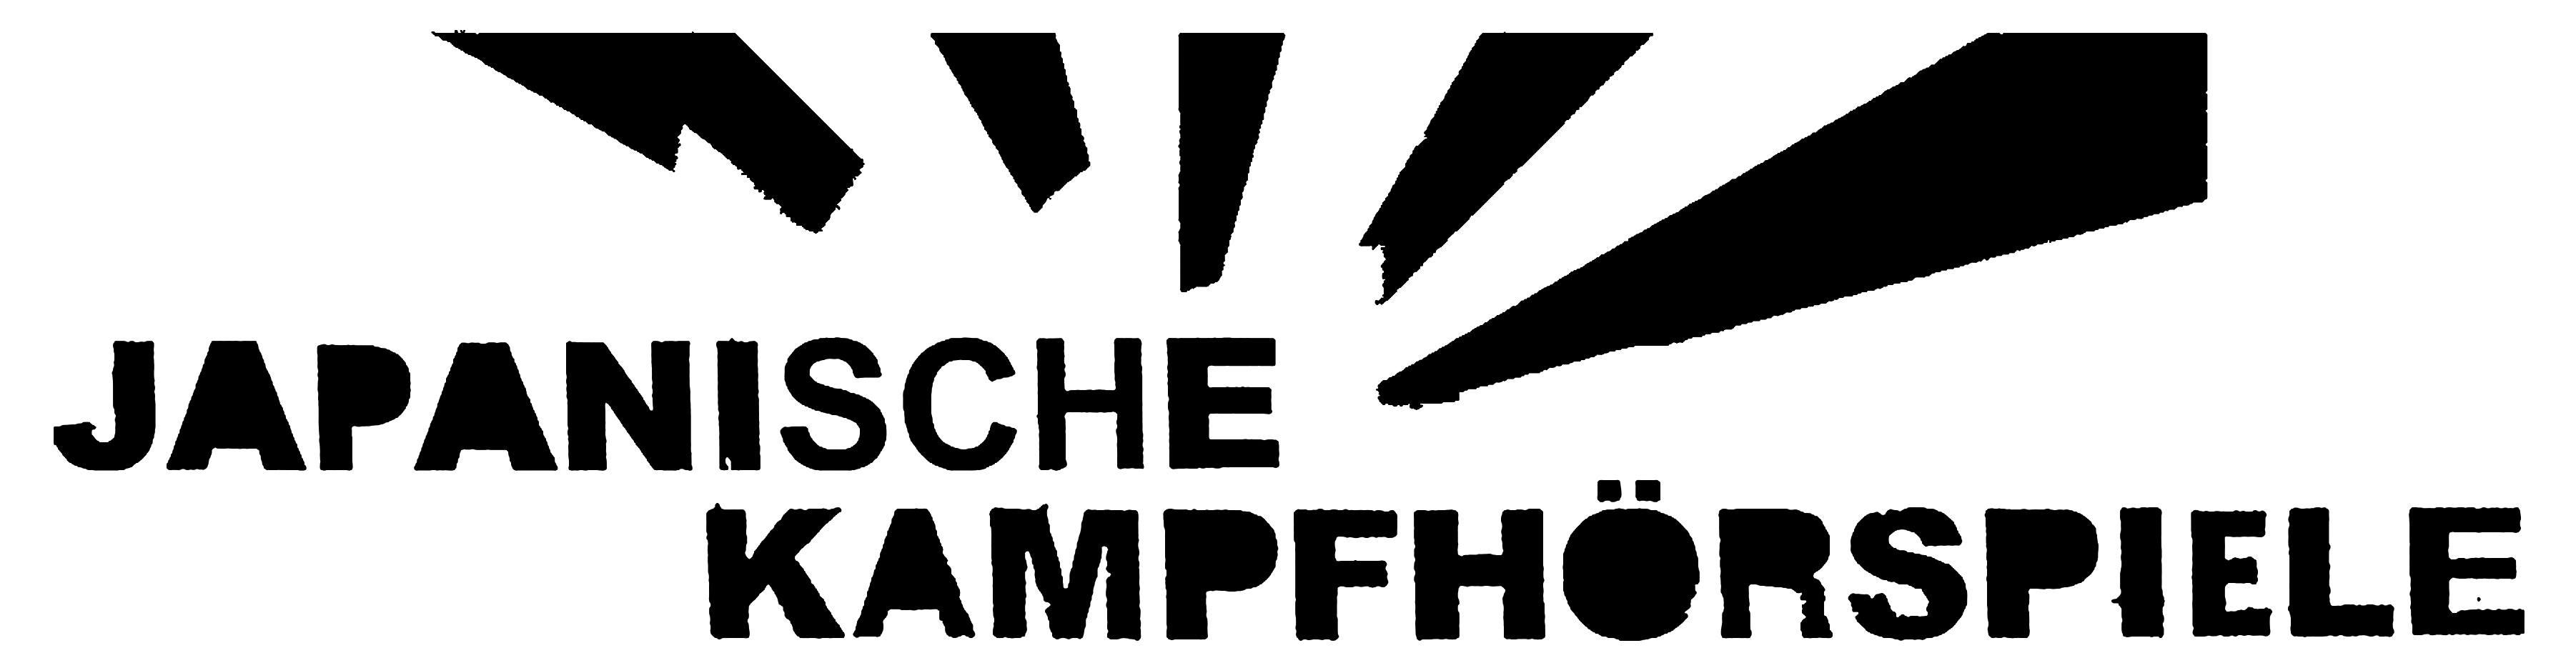 Grindnight, Alte Zuckerfabrik Rostock , 14.11.2014